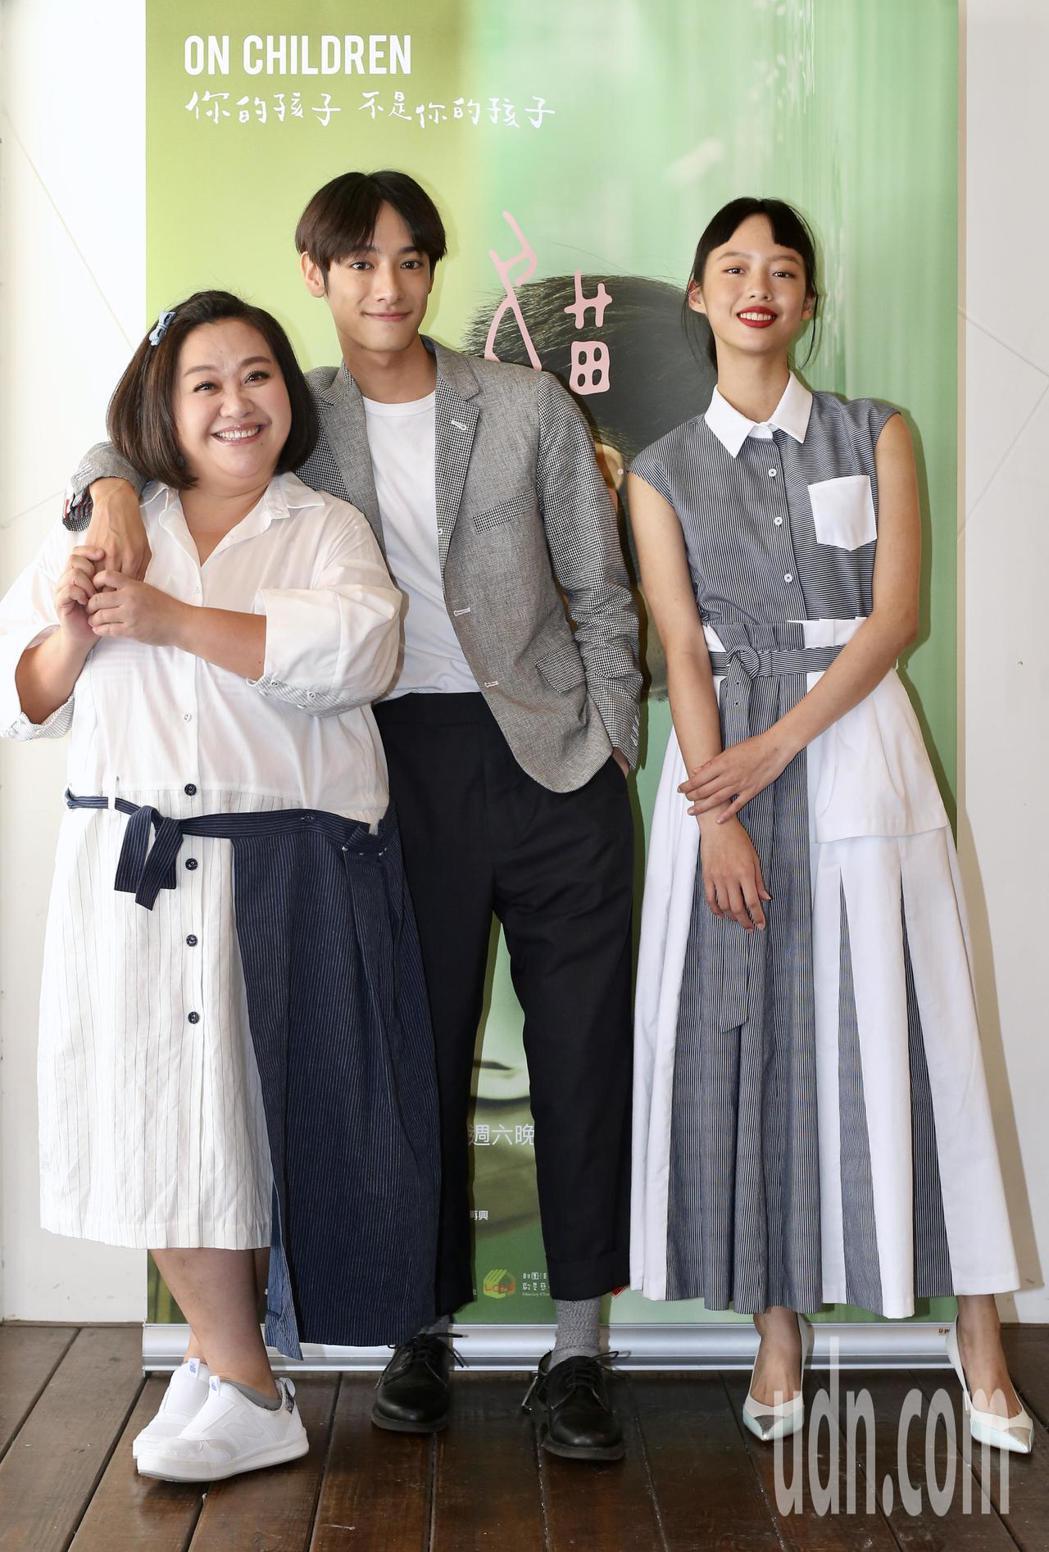 公視新劇「你的孩子不是你的孩子-貓的孩子」舉辦發表會,主角鍾欣凌(左起)、劉修甫...